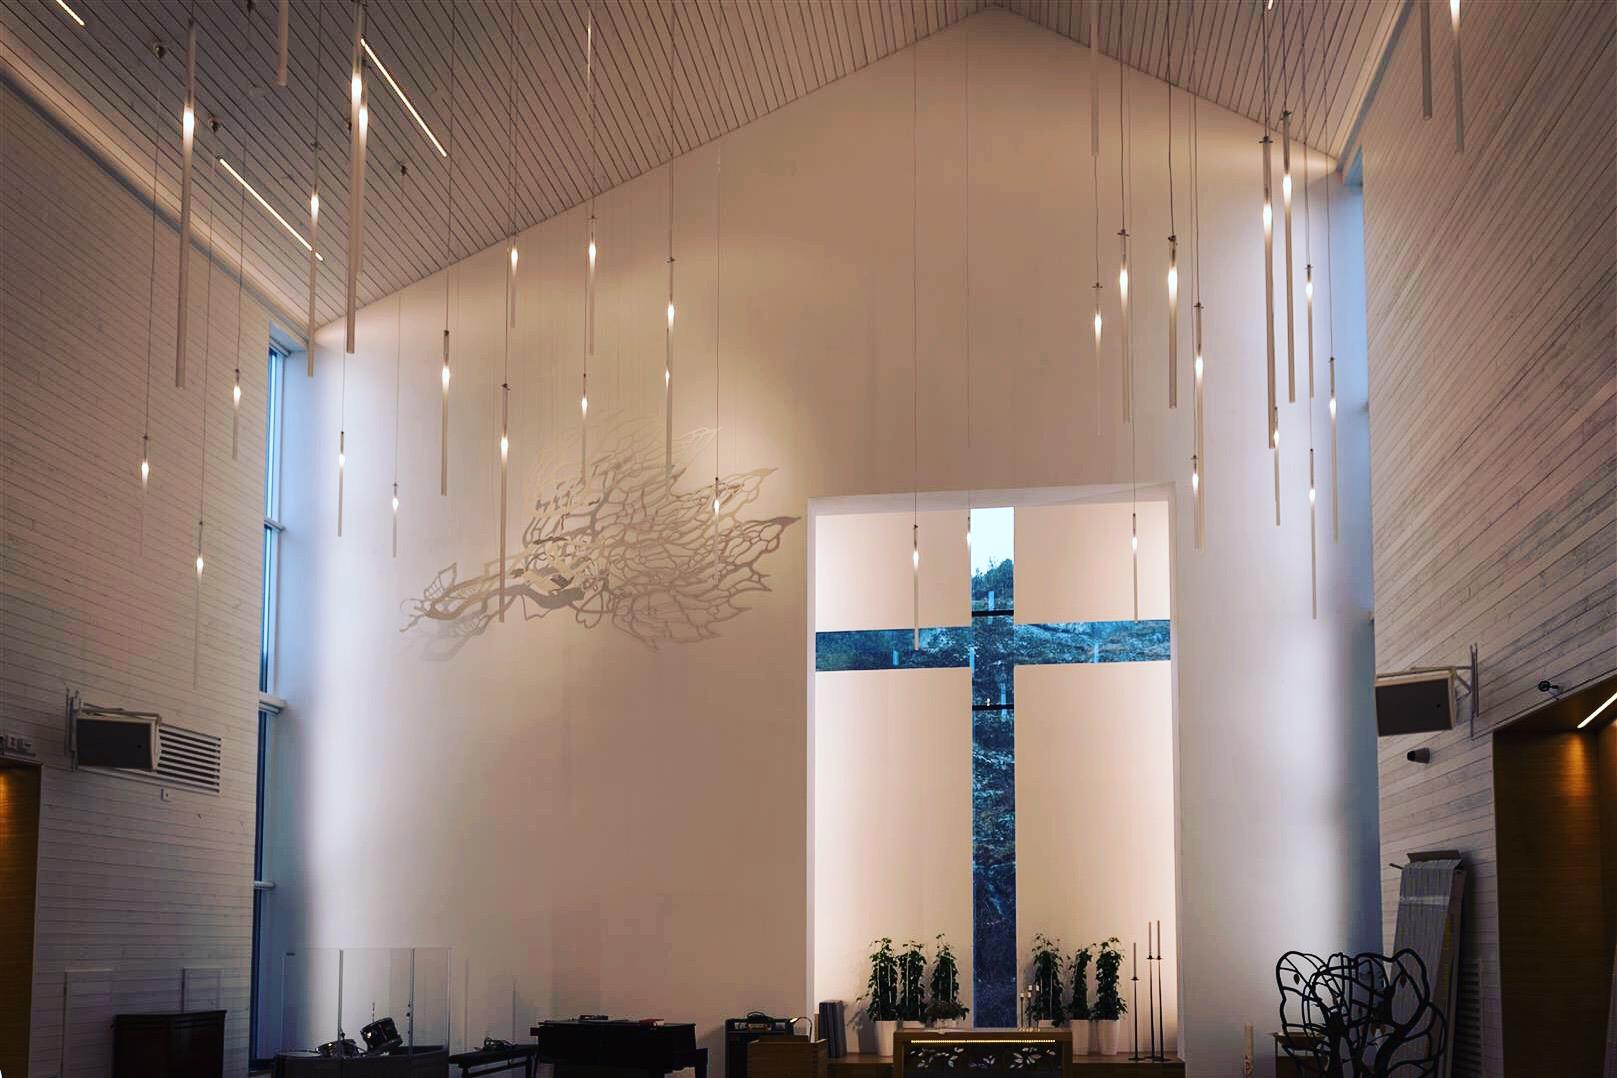 Amhults kyrka finalist i WAF 2016